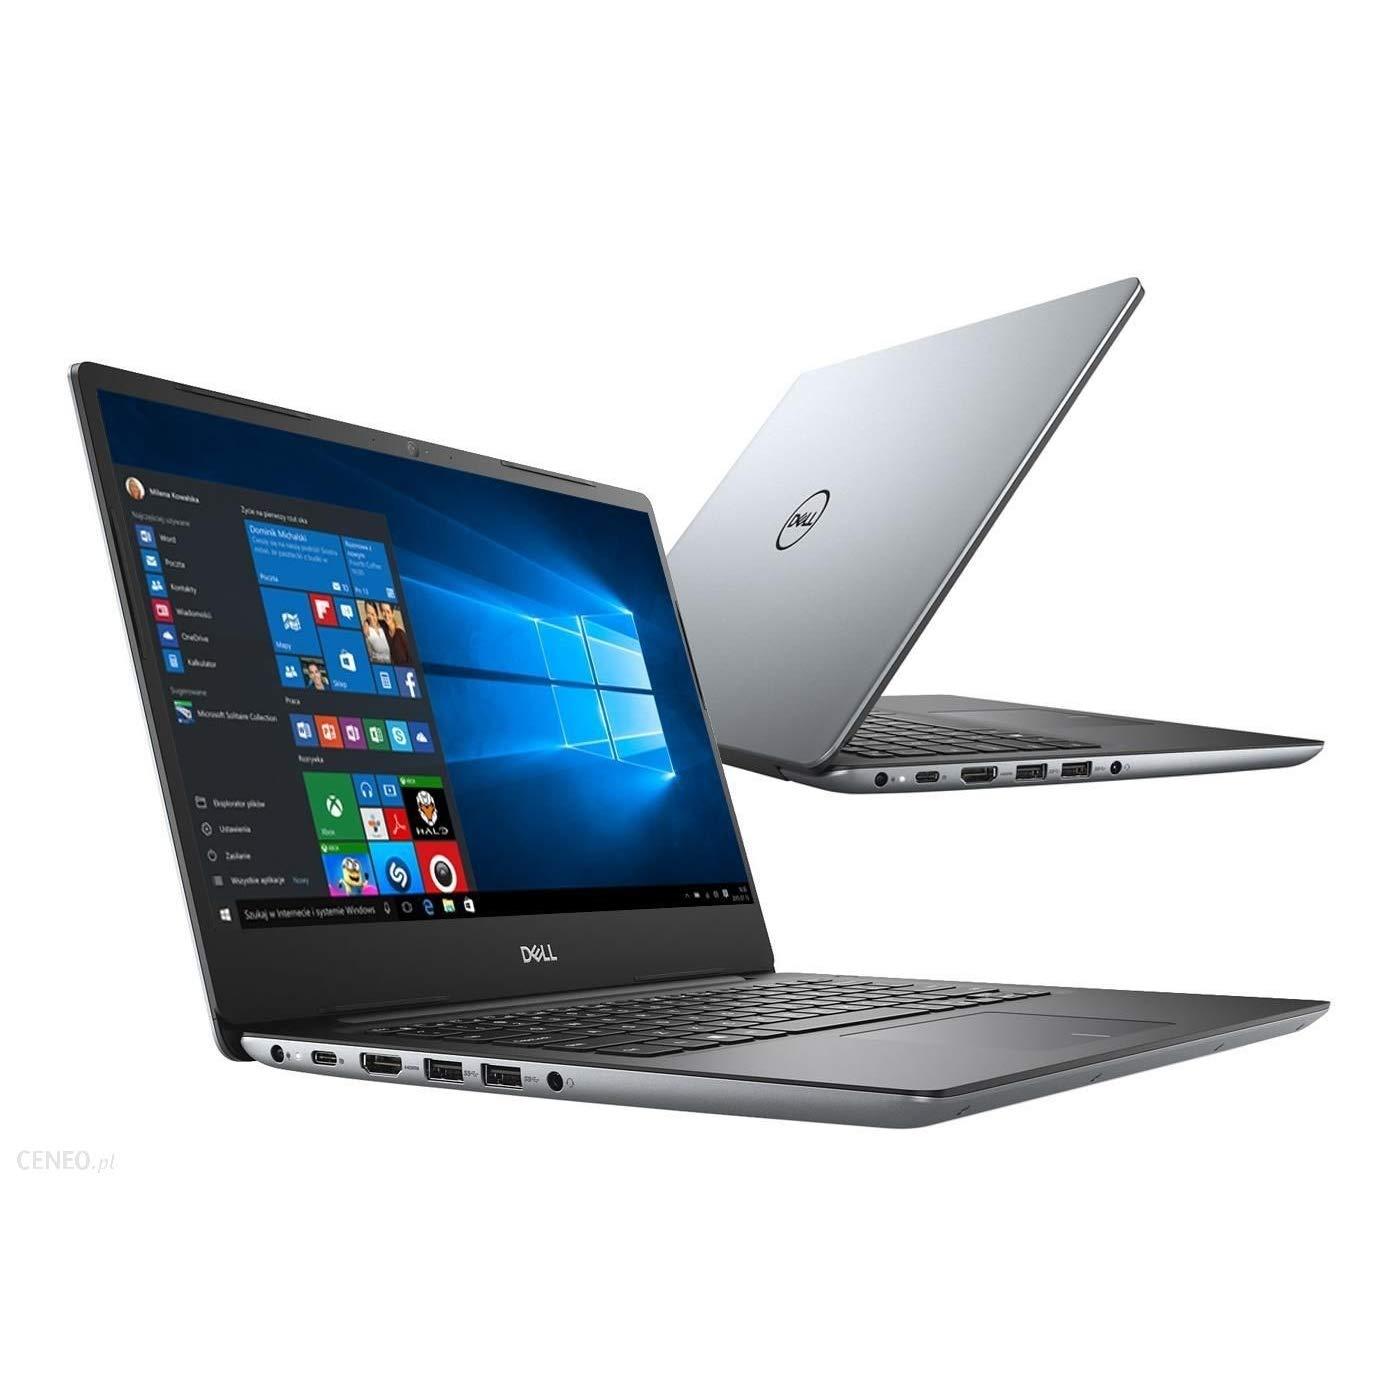 Dell Vostro 5481-V4I5227W (Ice Gray) | i5-8265U | 4GB DDR4 | HDD 1TB | VGA Onboard | 14.0 FHD IPS | Win10 + Office365 >>> Deal giá mua, Trả góp 0%